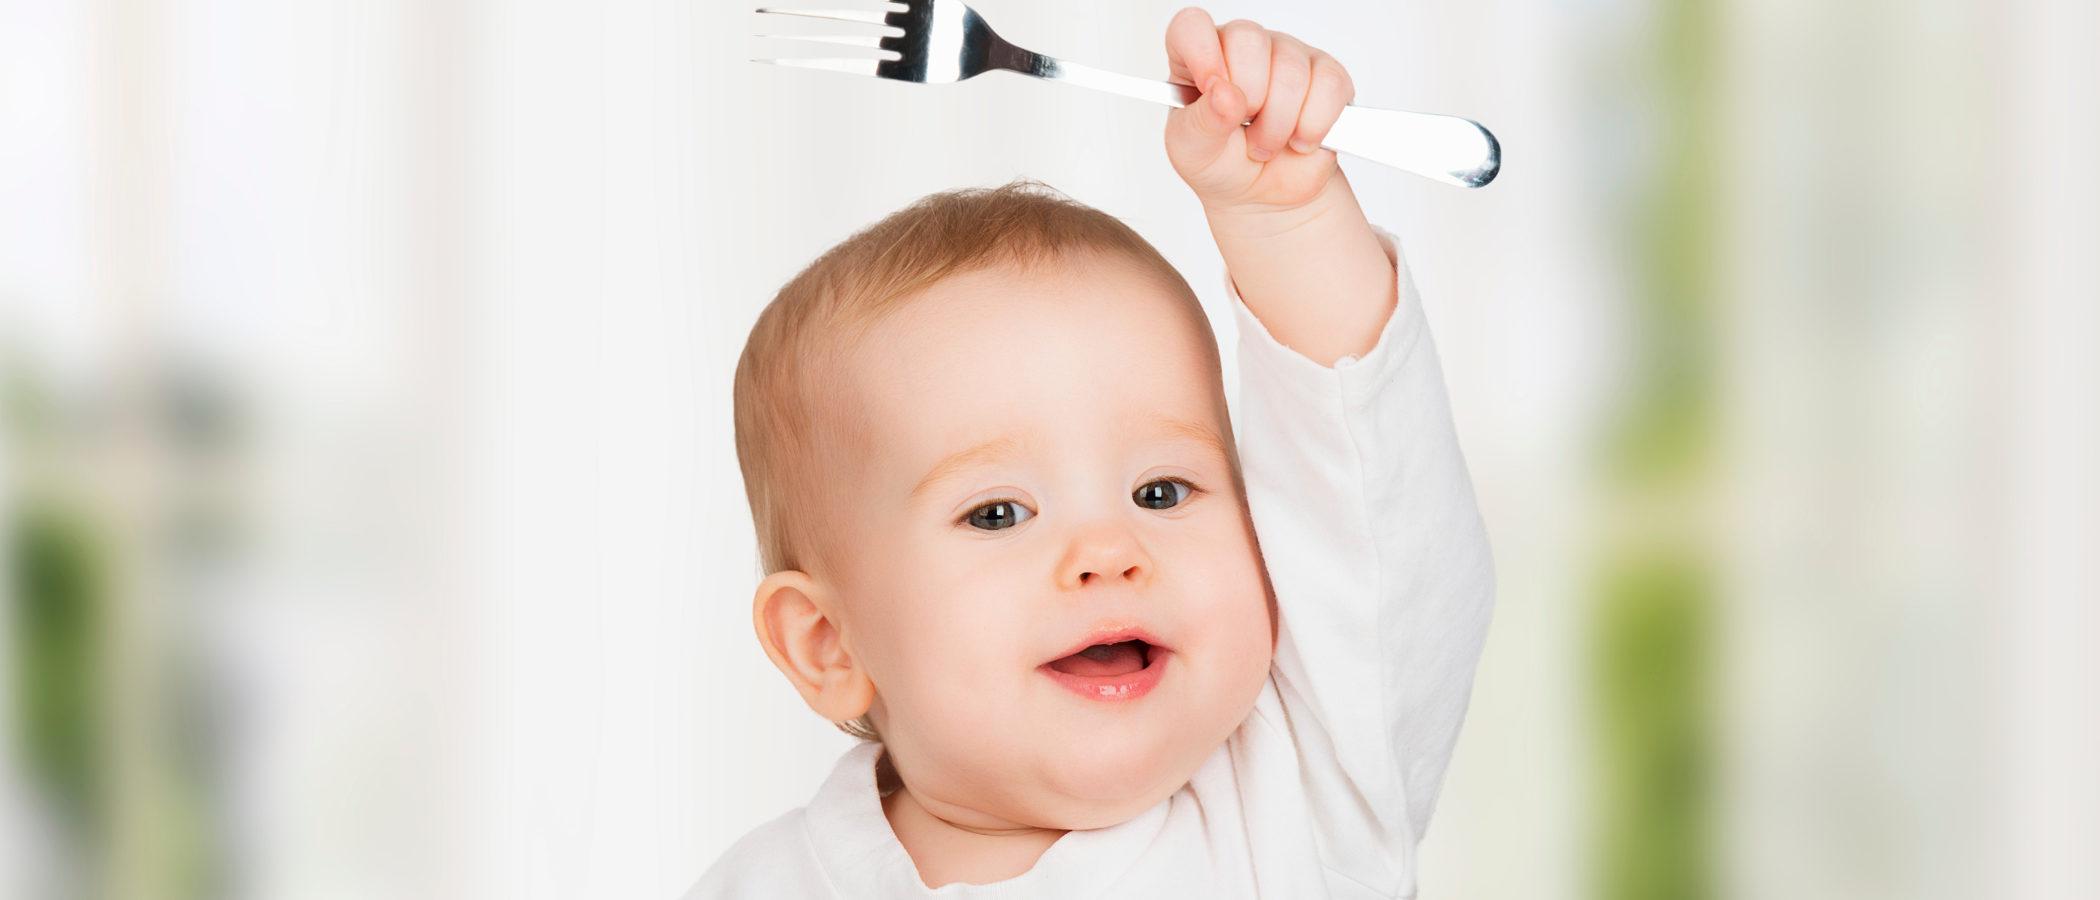 Cómo enseñar a tus hijos a utilizar los cubiertos